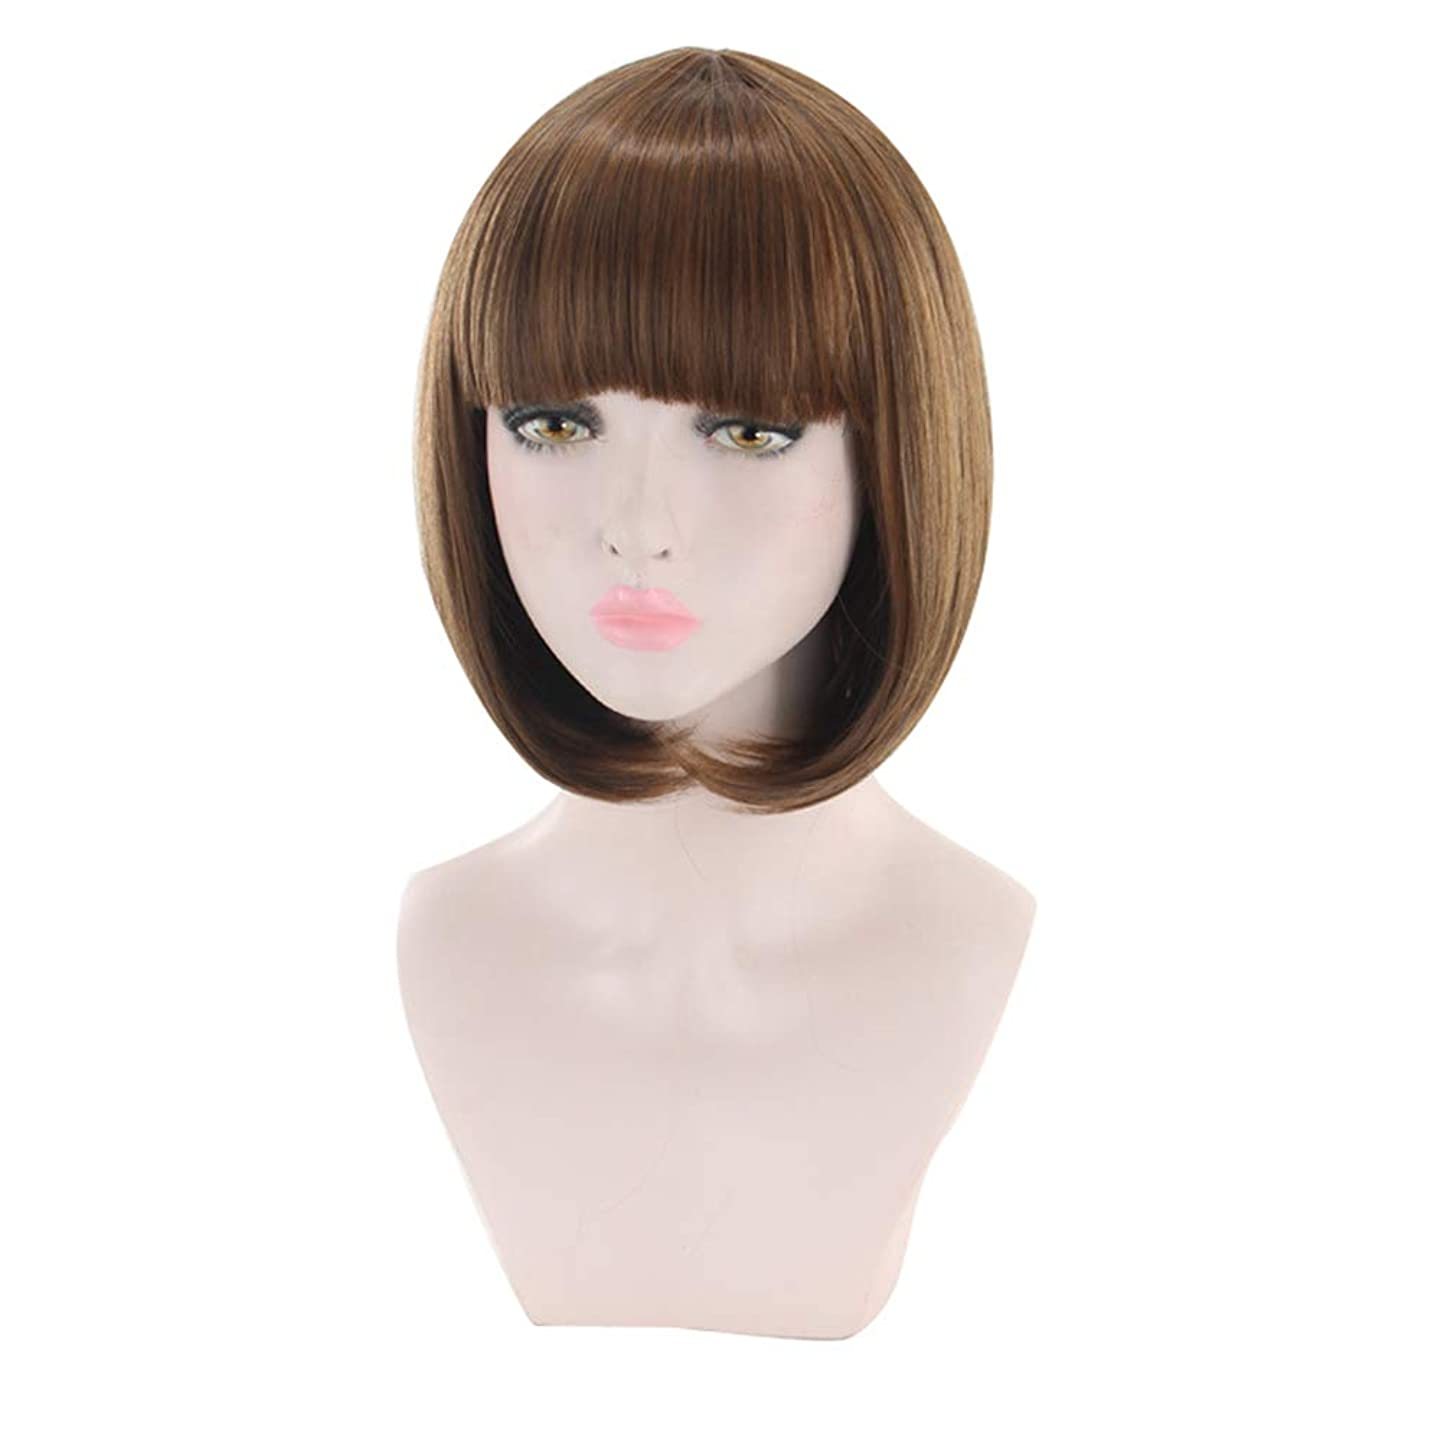 受賞否定する形式YESONEEP 11.8インチハロウィーンパーティーショート前髪なし高温繊維毛髪のかつらファッションかつら (色 : 淡い茶色)